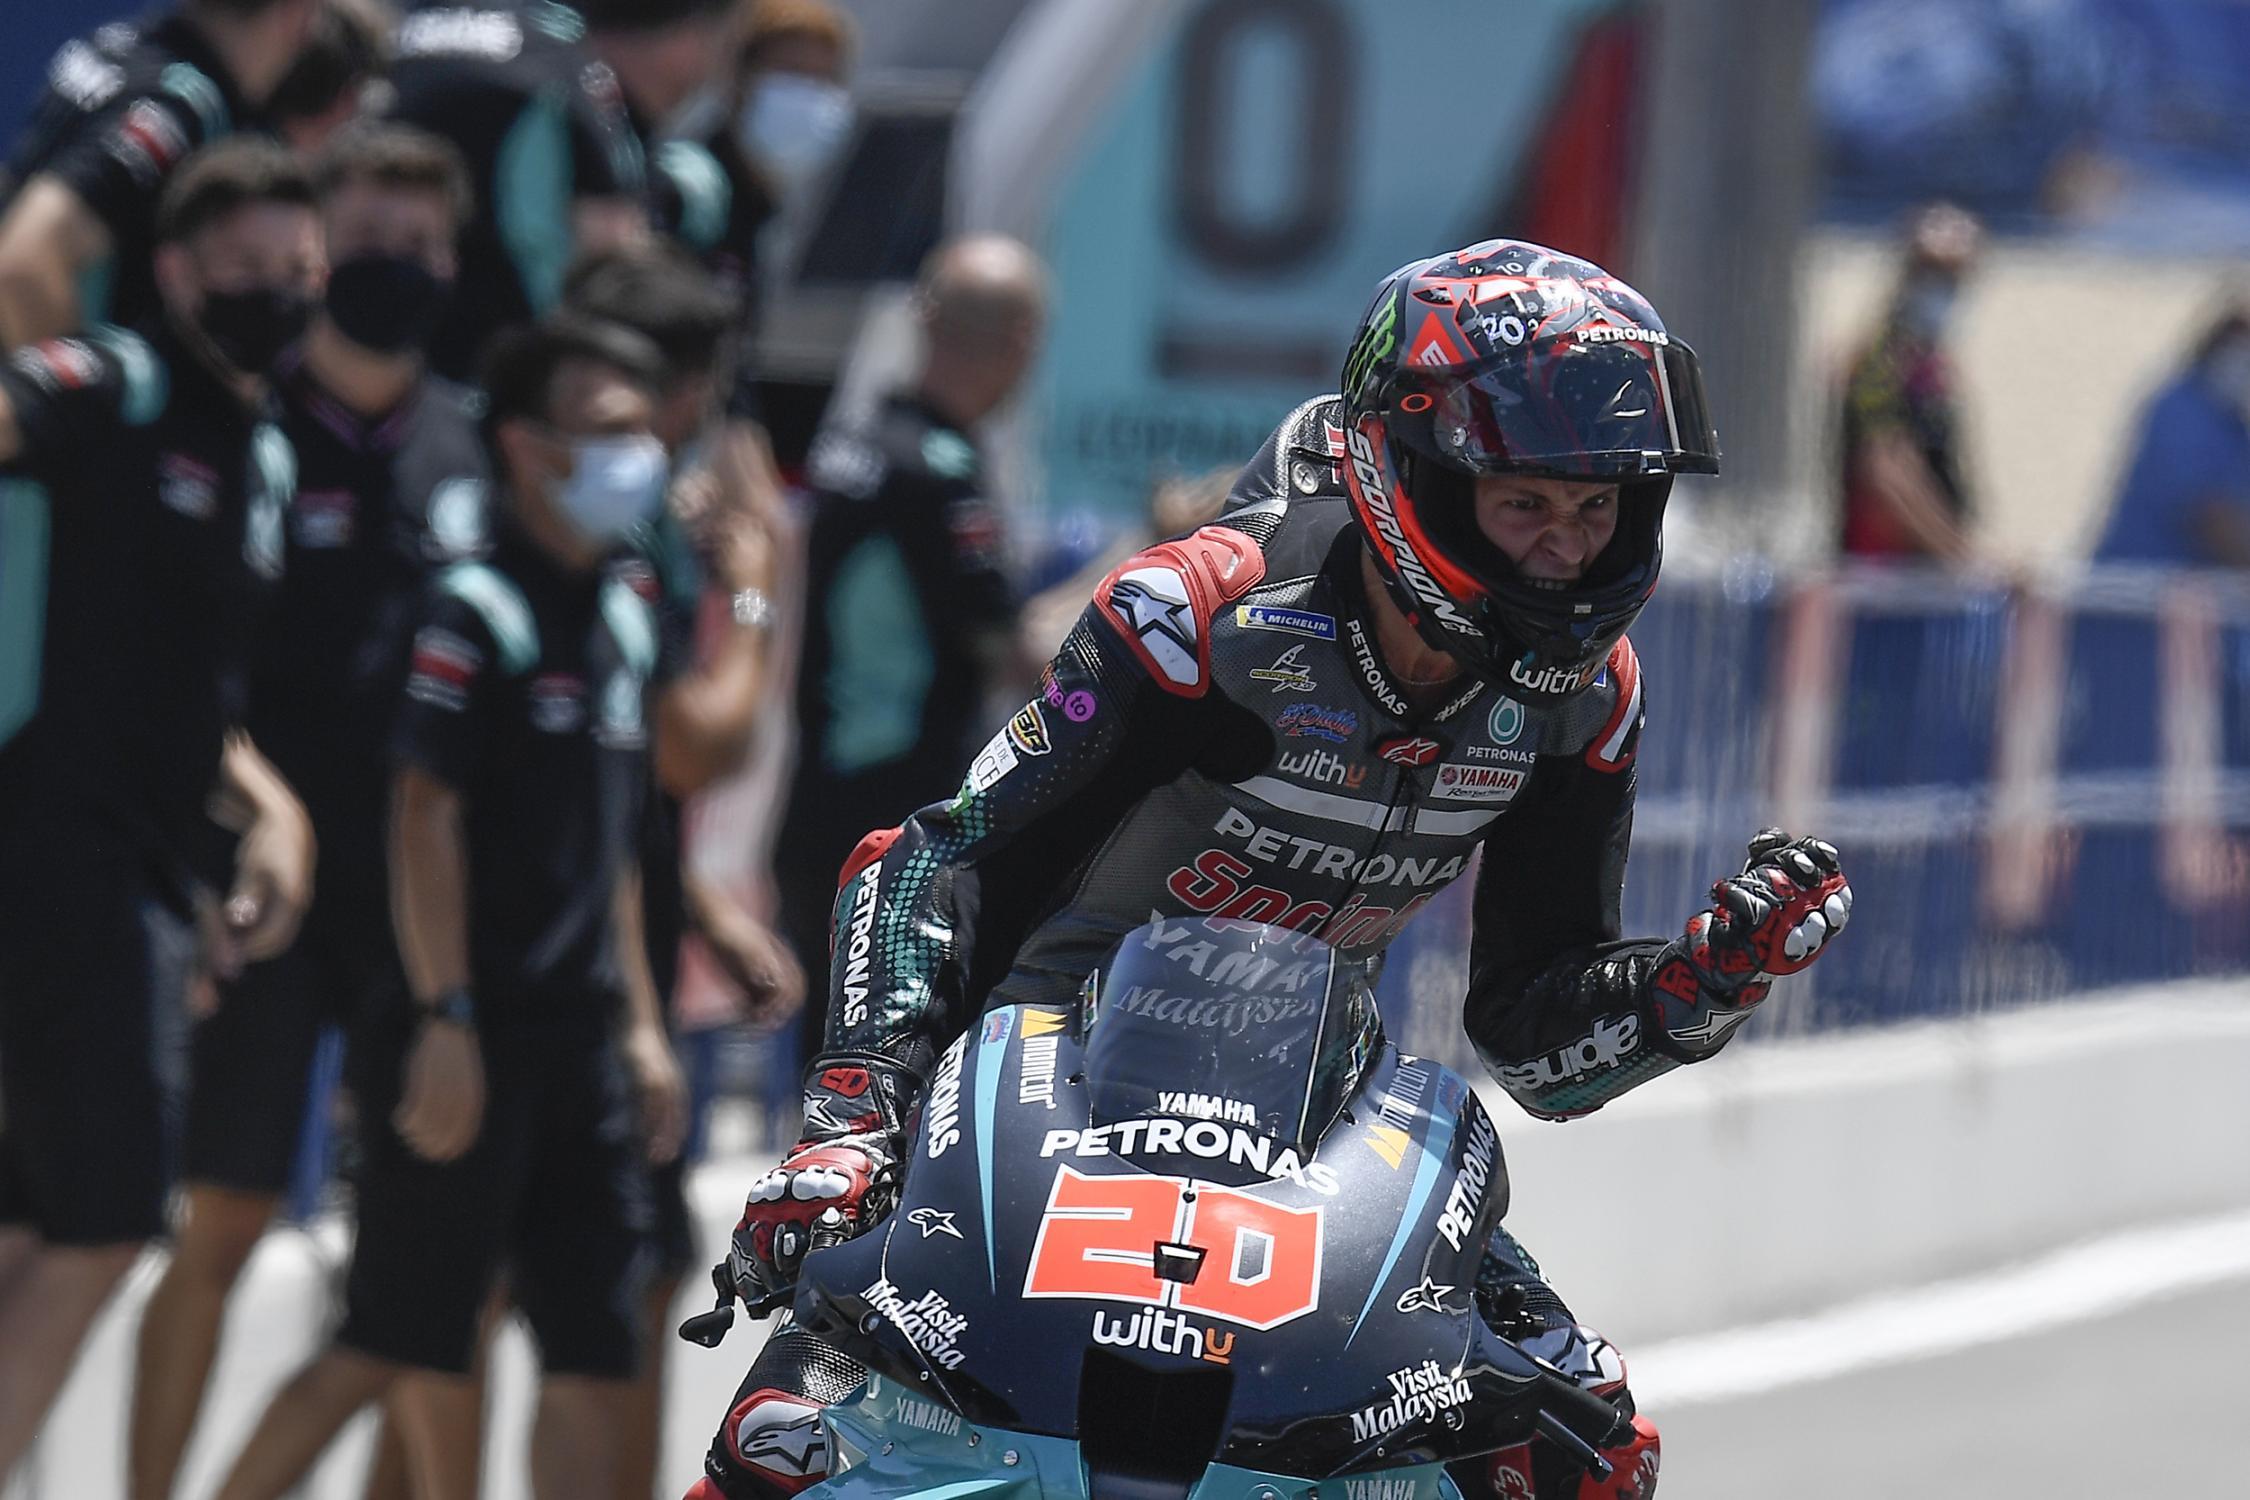 Jezdci MotoGP hodnotí závod v Jerezu